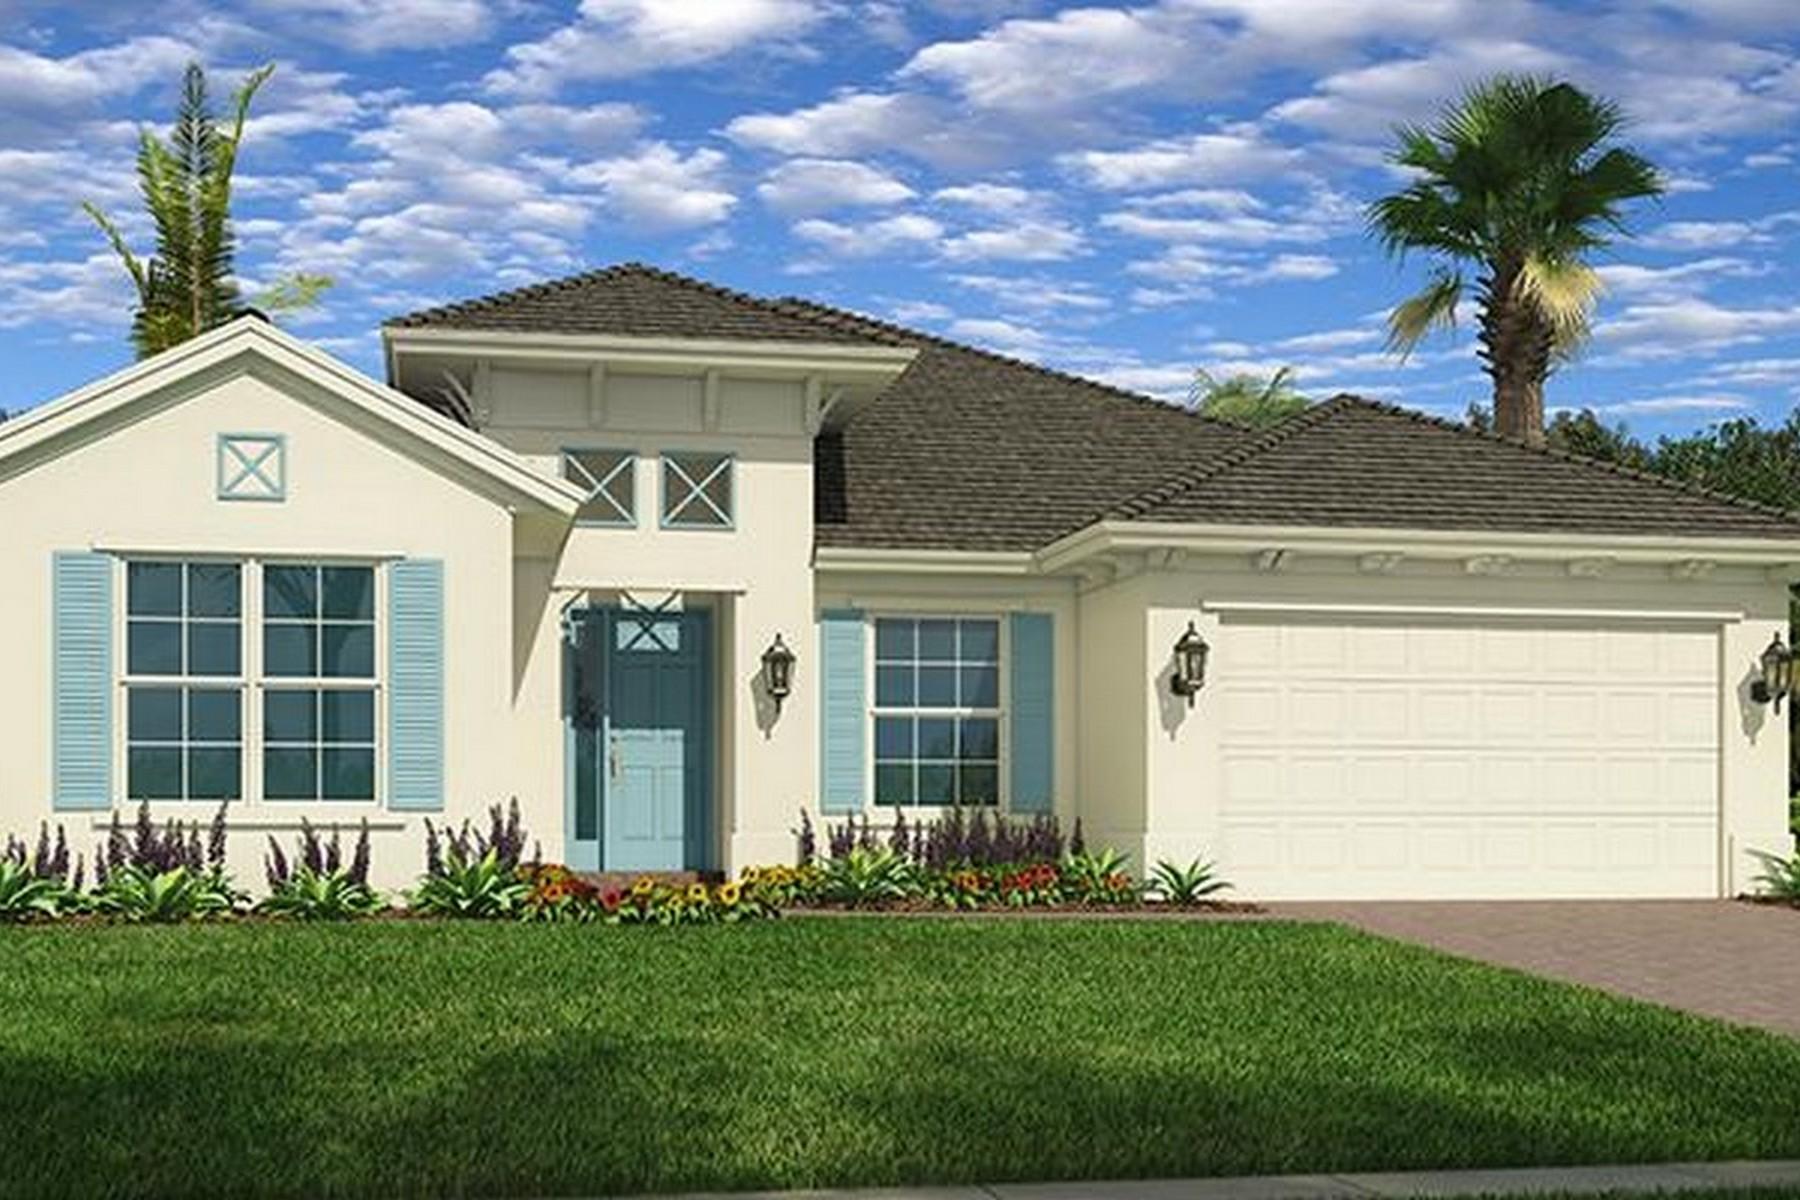 Casa para uma família para Venda às One of our Newest Models in the Beautiful Community of Lily's Cay 1371 Lily's Cay Circle Vero Beach, Florida, 32967 Estados Unidos